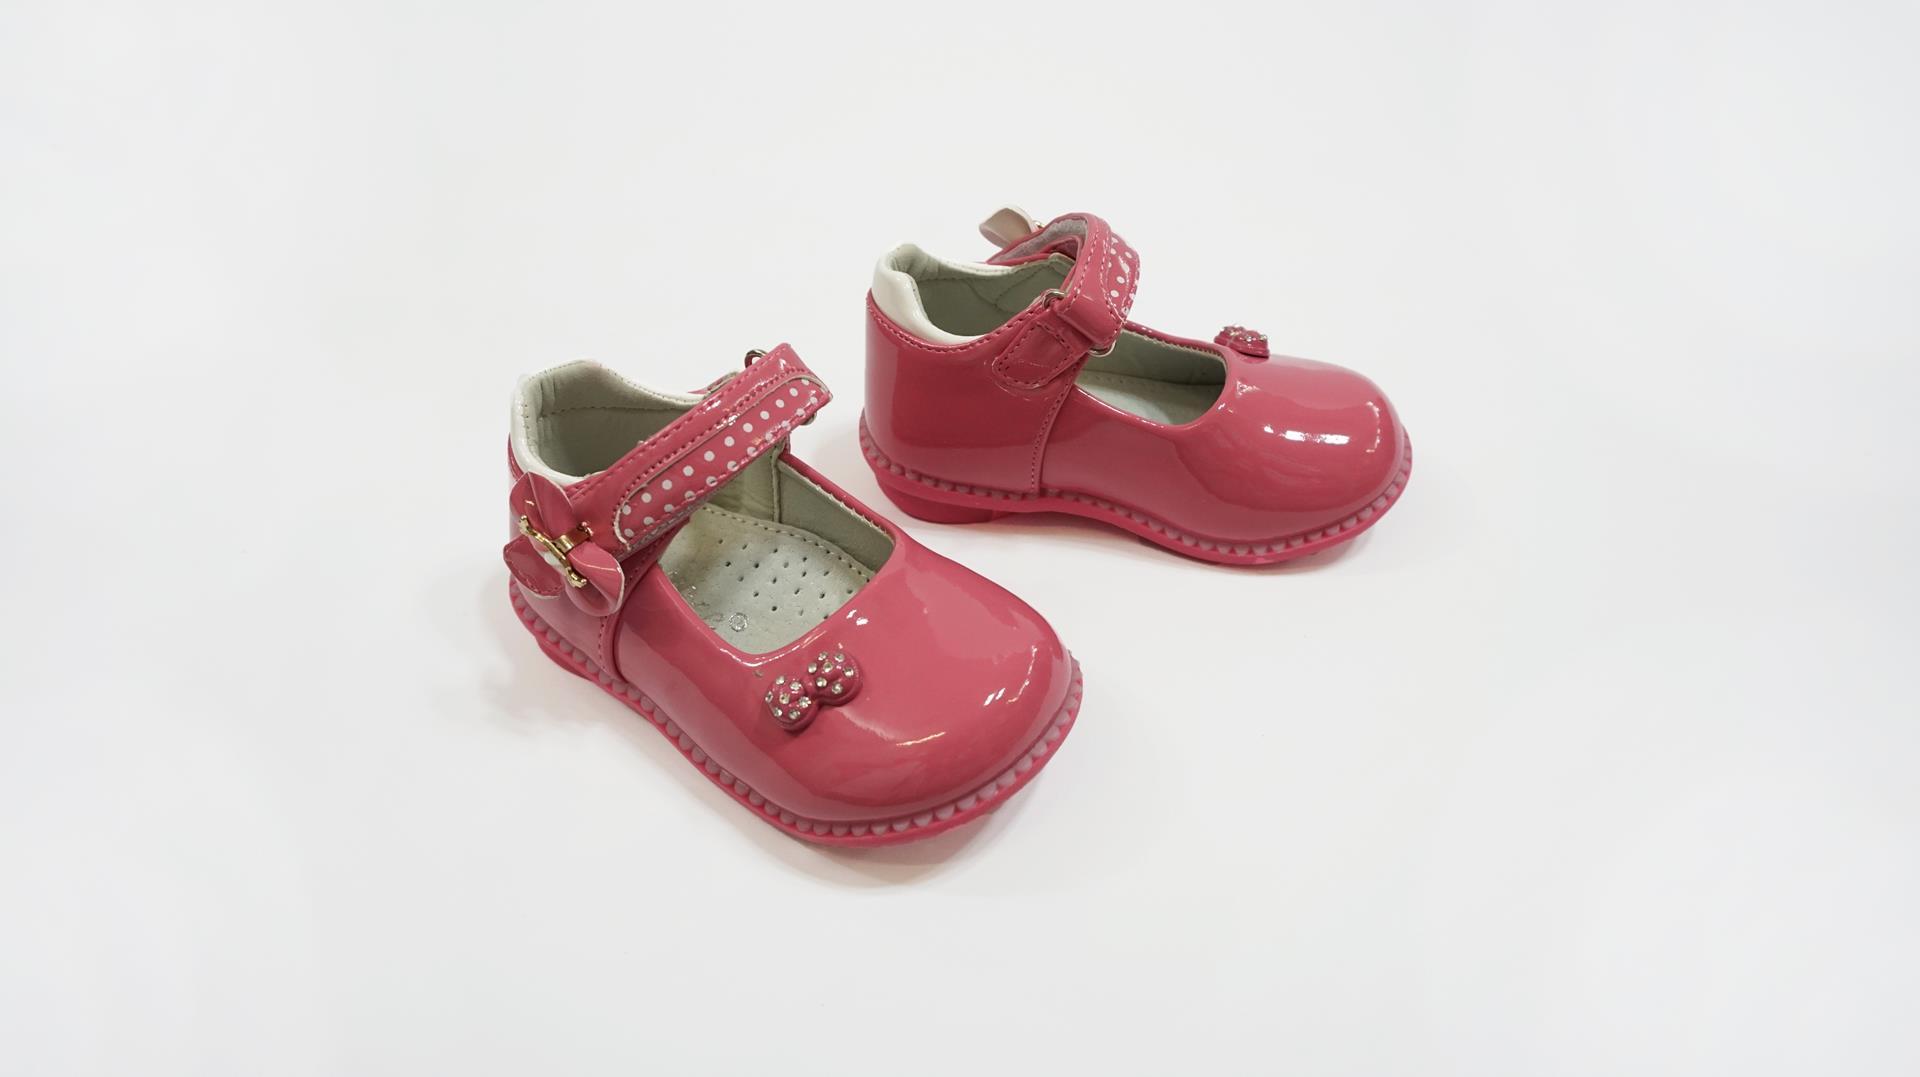 45e3db24b52 Бебешки обувки CLIBEE | Обувки - Детски, дамски и мъжки обувки